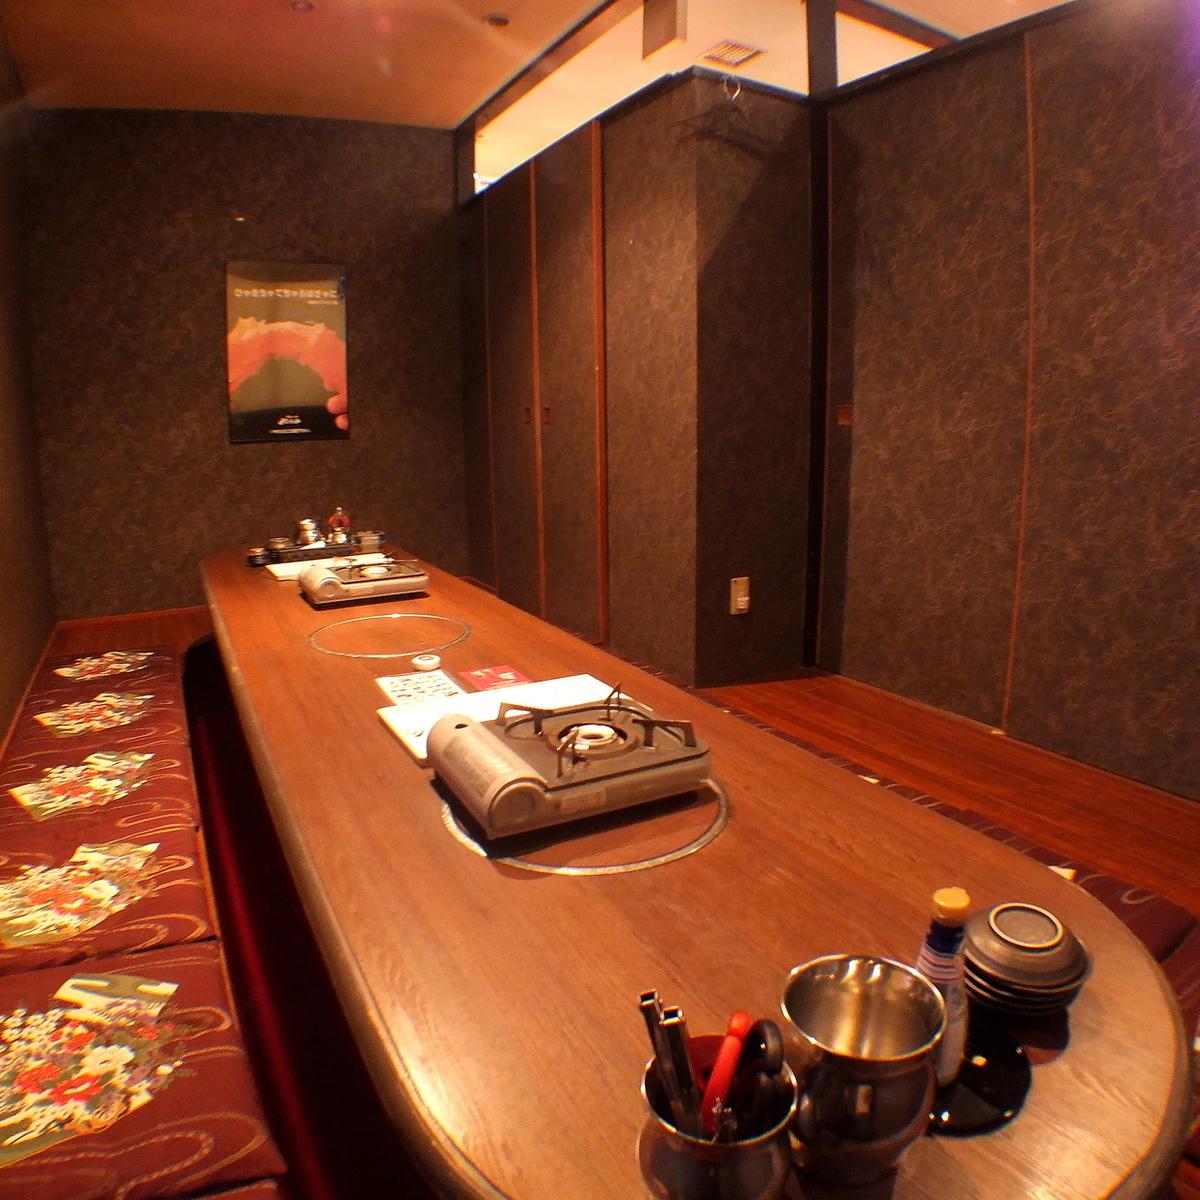 完整的挖掘私人房間!6人×2(最多可容納12人)